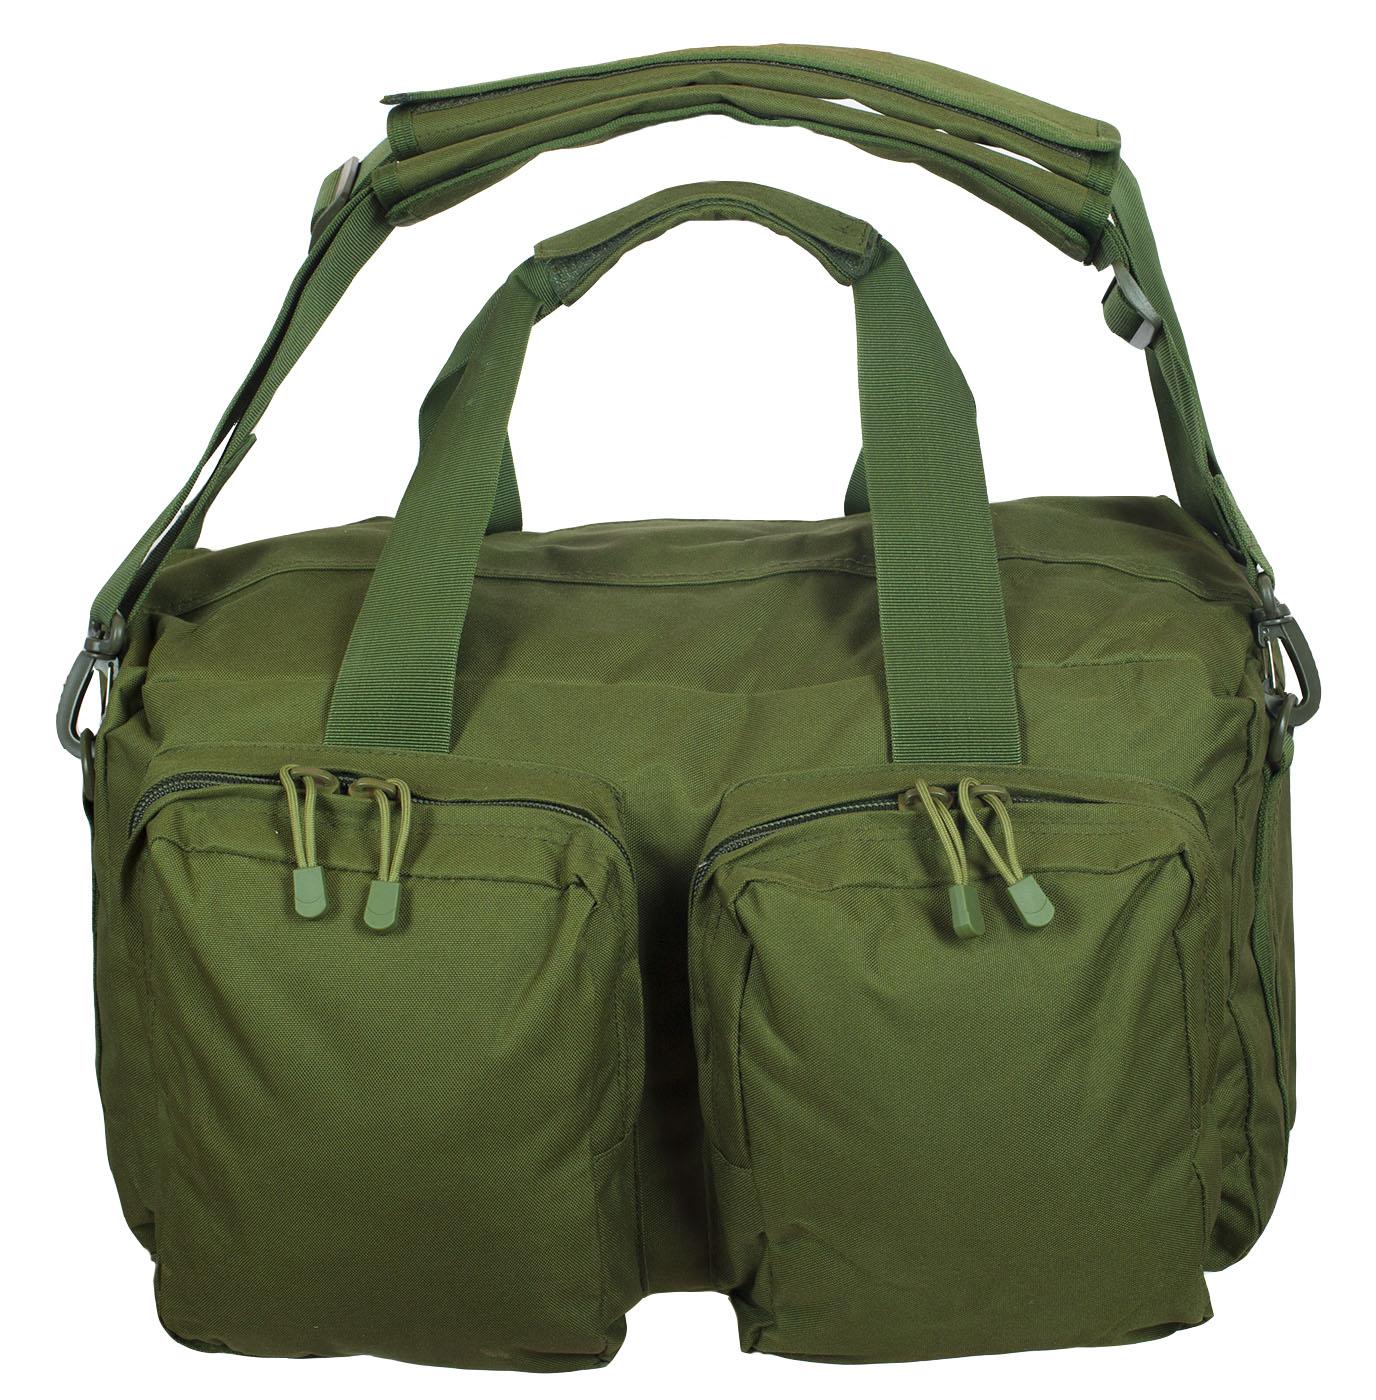 Тактическая сумка-рюкзак с нашивкой Эх, хвост, чешуя - купить в подарок